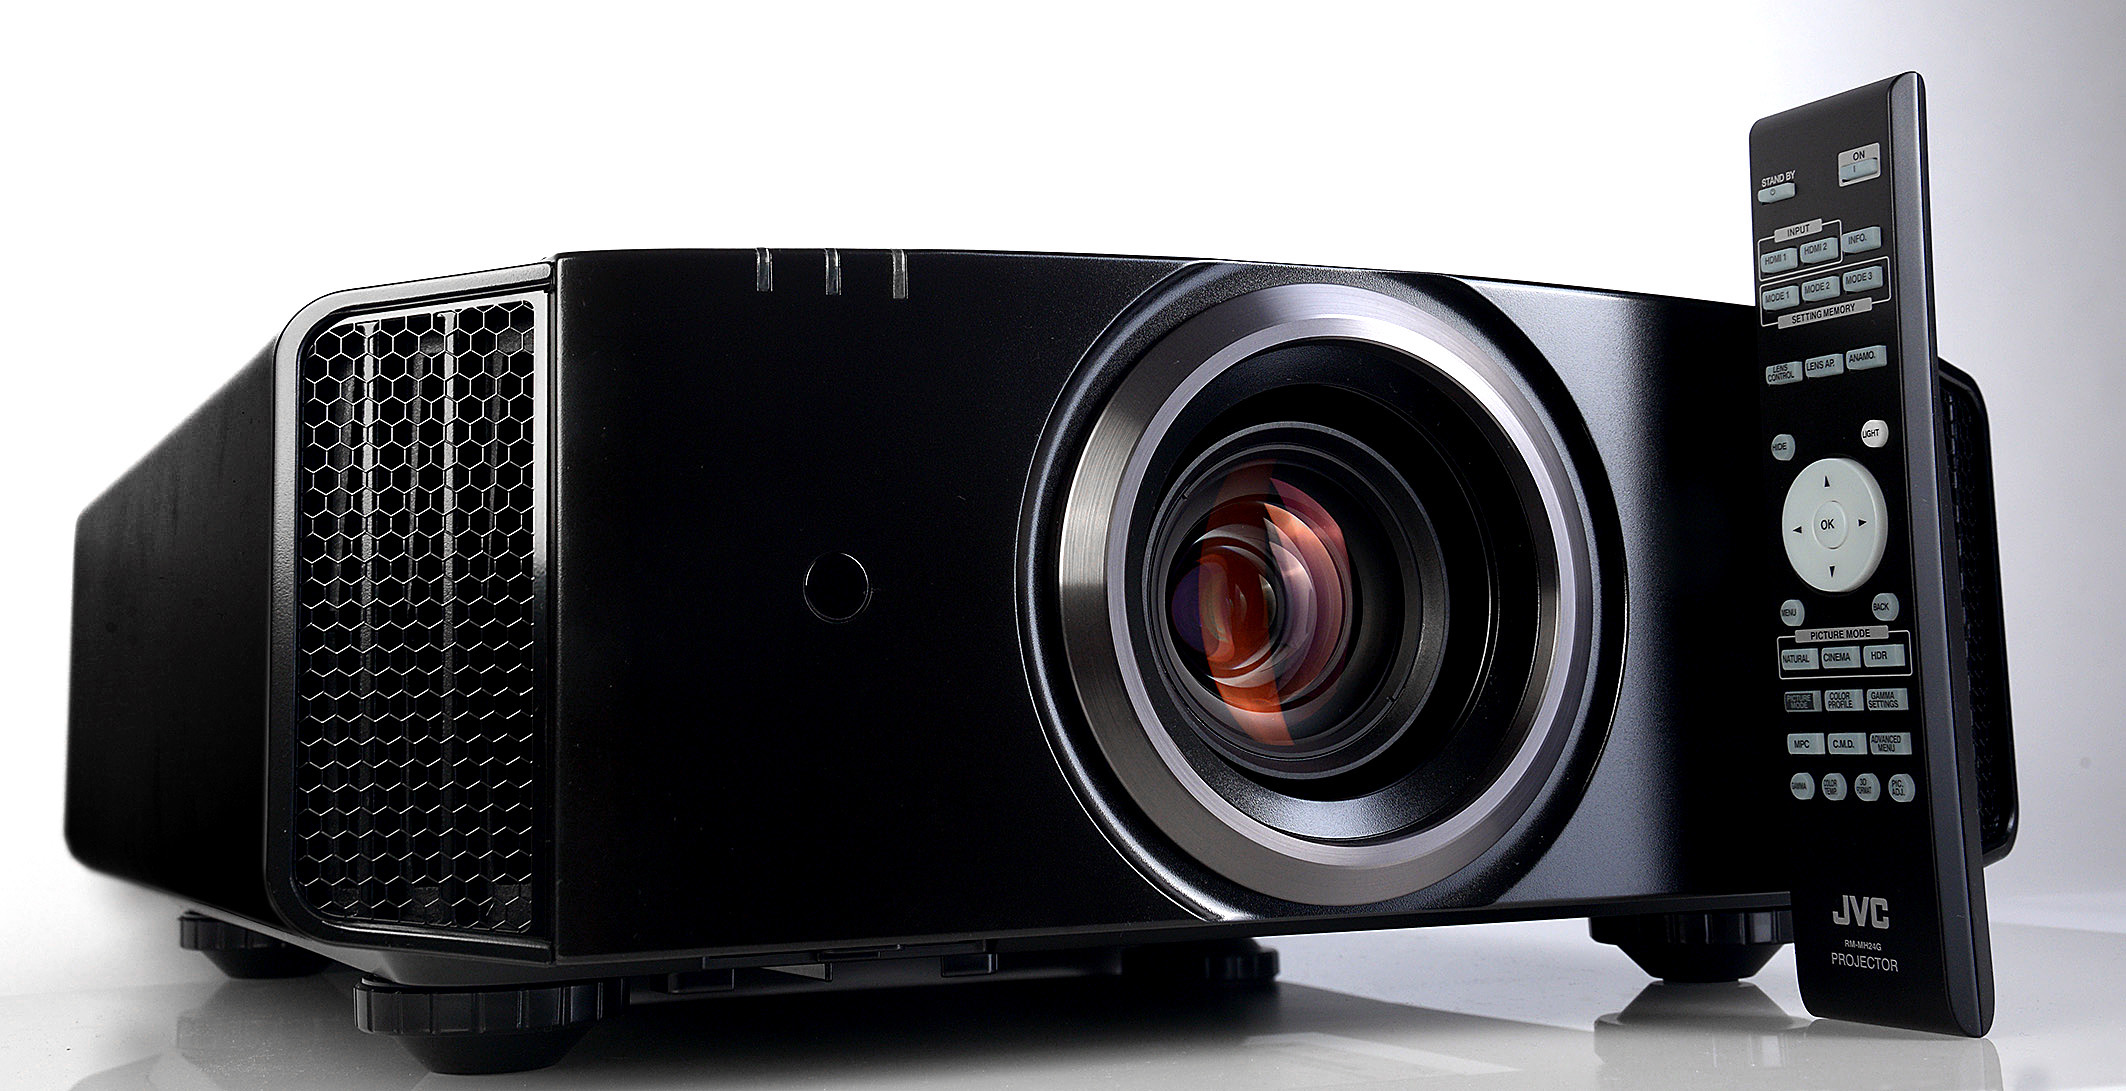 Foto: Michael B. Rehders JVC DLA-X5500 – Seit dem Modell DLA-X3 gibt es äußerlich kaum Unterschiede zwischen den Projektoren.